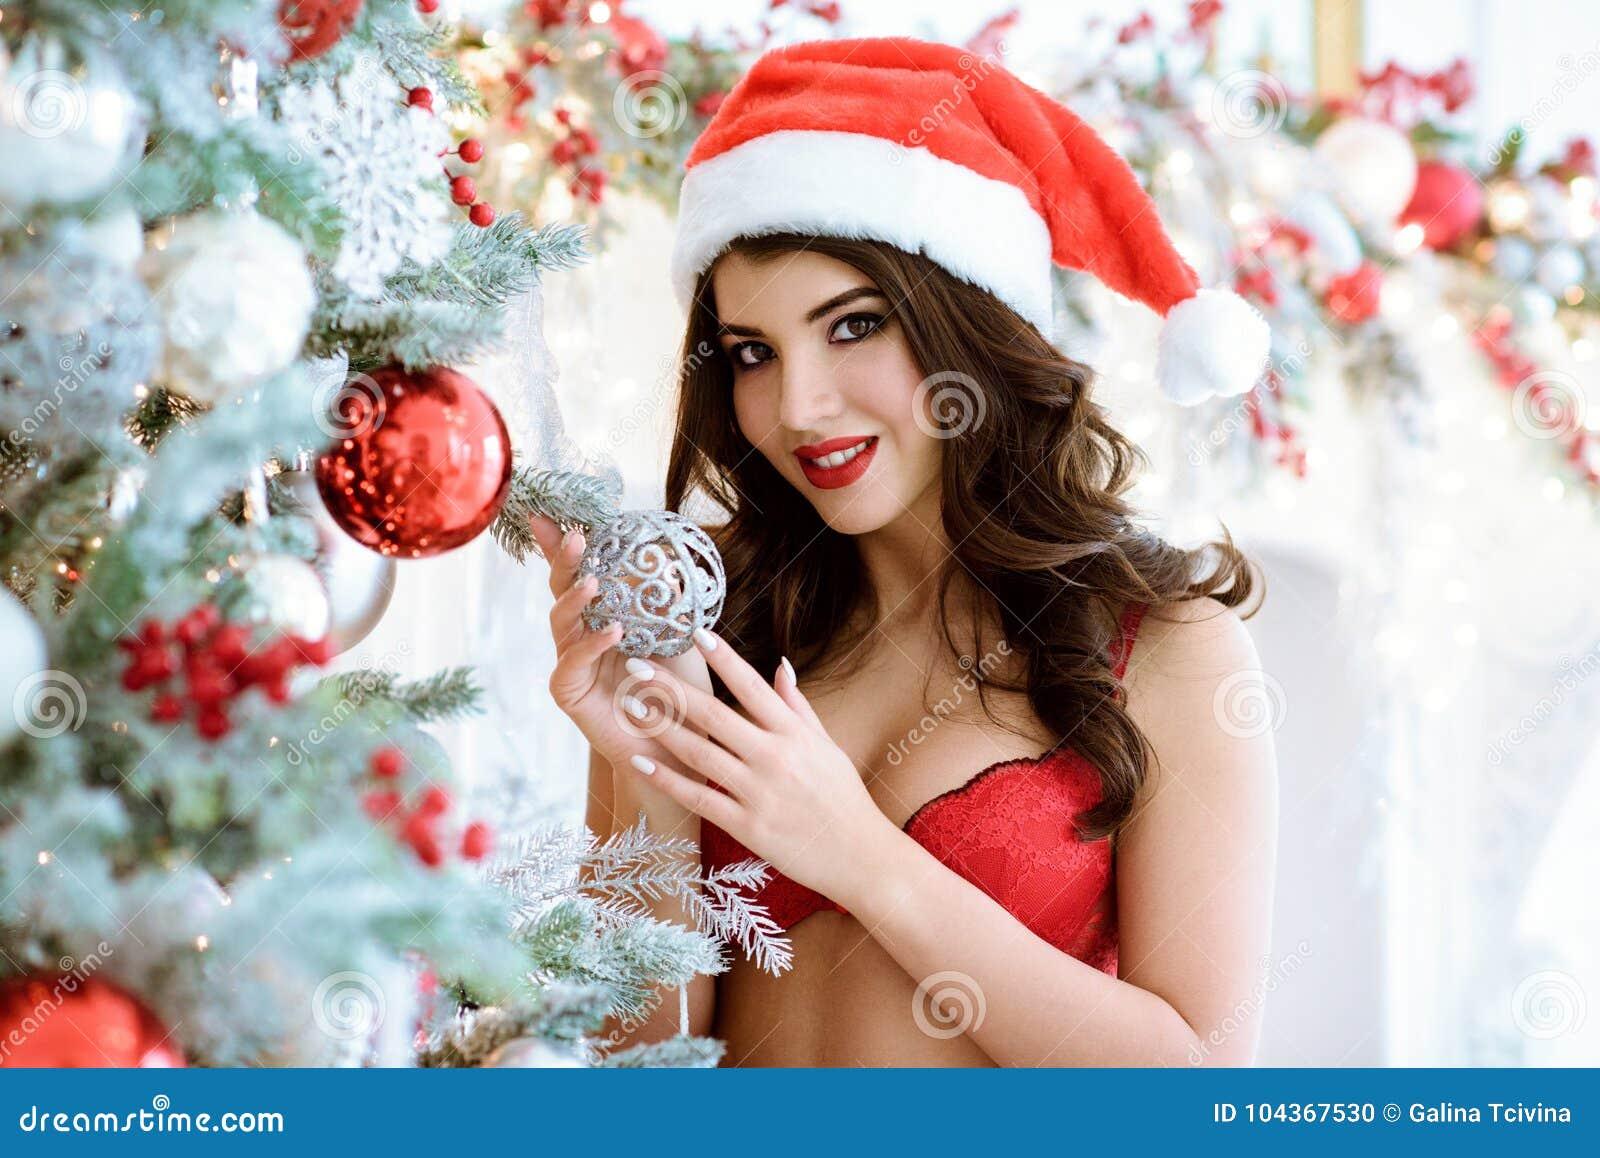 442a2d7870315 Красивое брюнет сексуальный Санта Клаус в элегантных шляпе и бюстгальтере  Фасонируйте портрет модельной девушки внутри помещения с рождественской  елкой ...